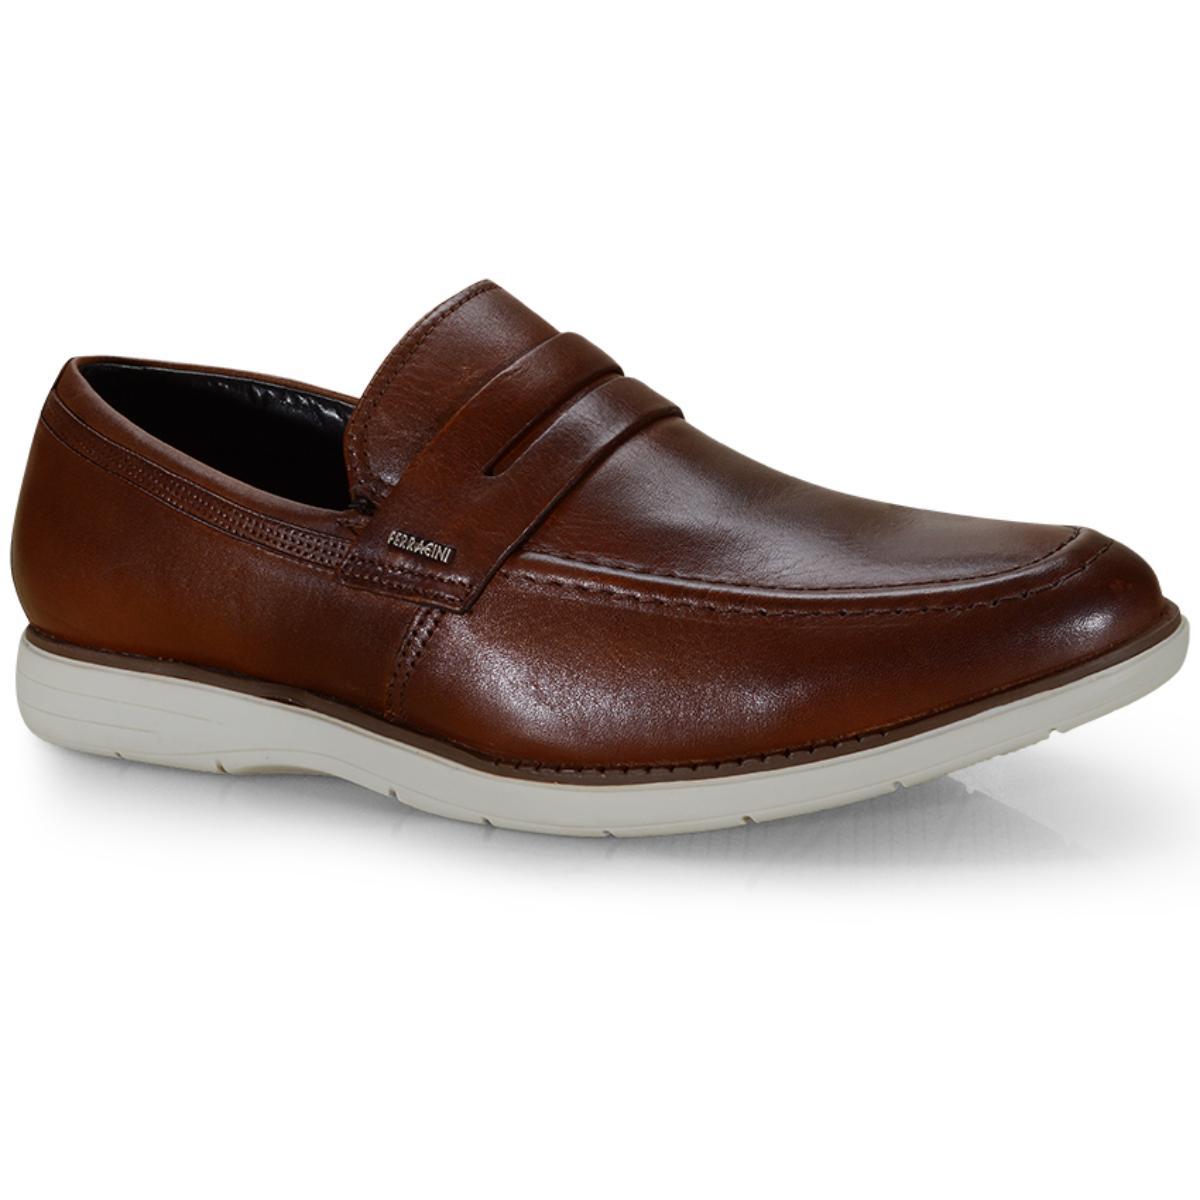 Sapato Masculino Ferracini 6128-559l Havana